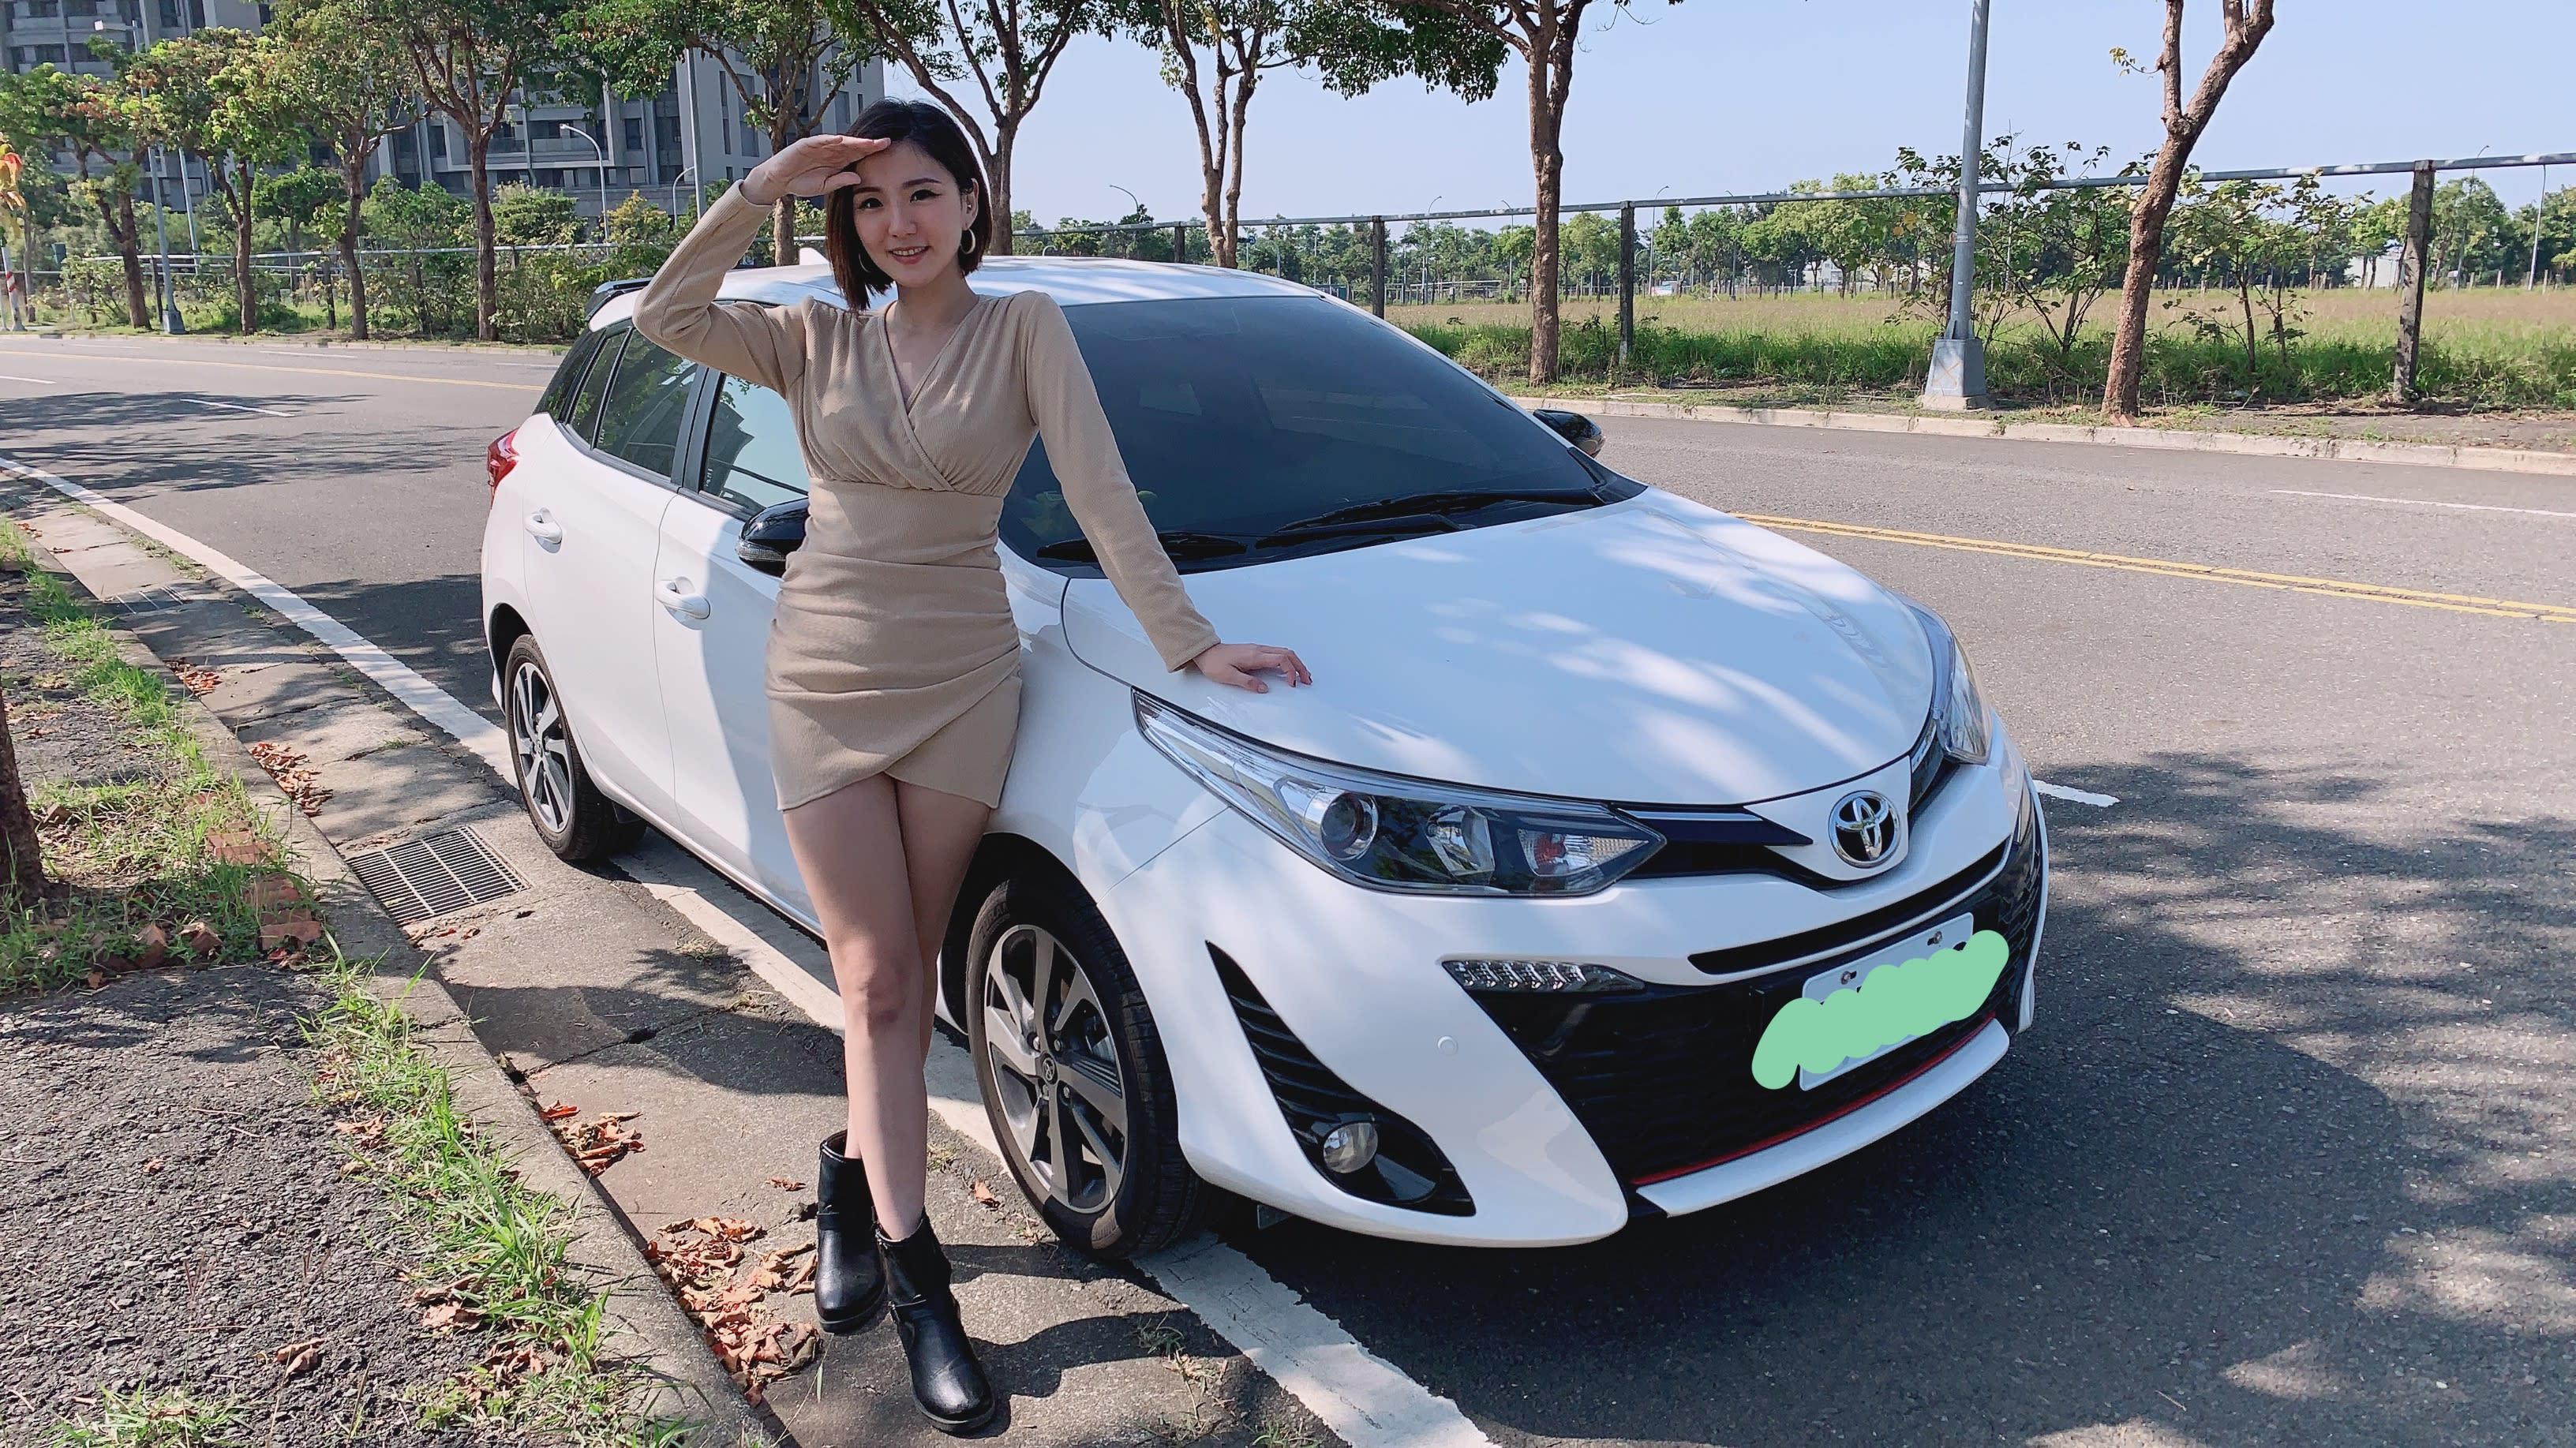 【名人愛聊車】主播王鈺婷選車注重「腿部」收納 看重TOYOTA YARIS安全性與靈活空間